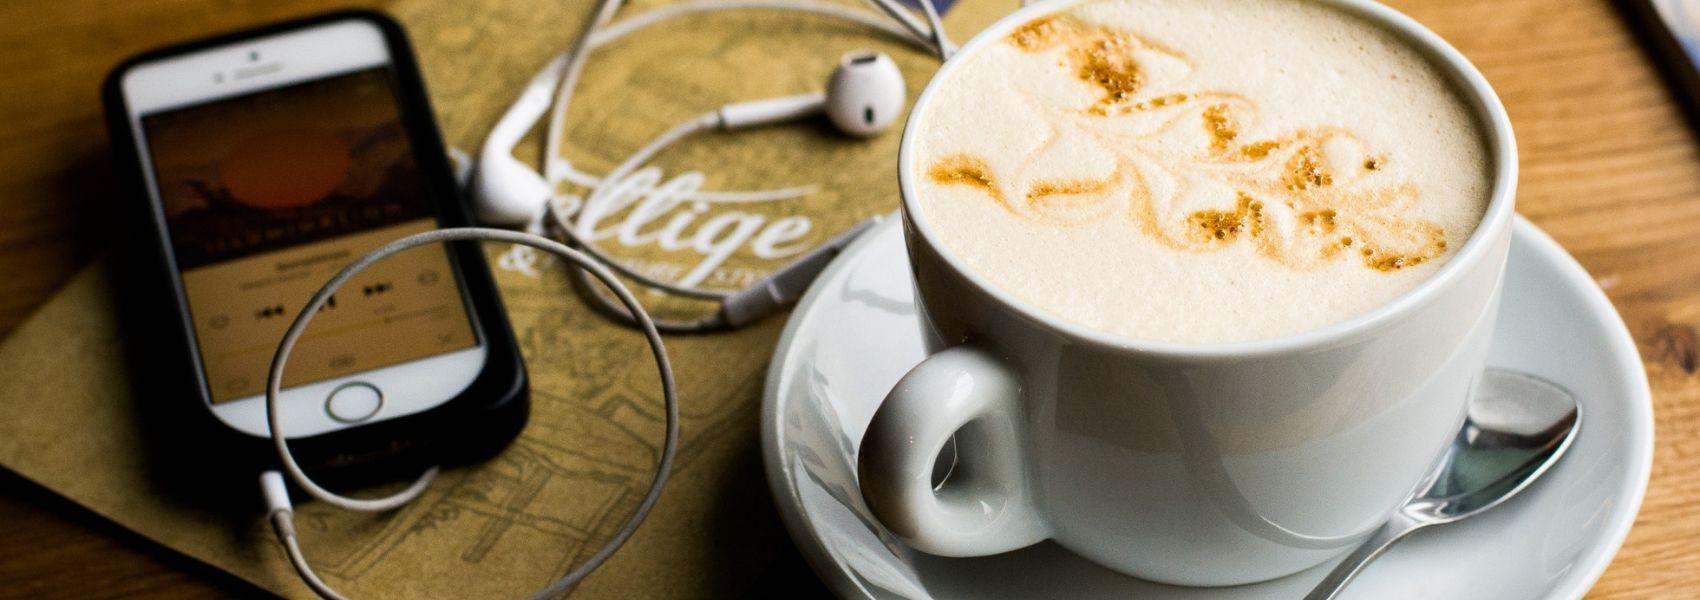 Cinco podcasts sobre saúde para descobrir durante as férias de verão